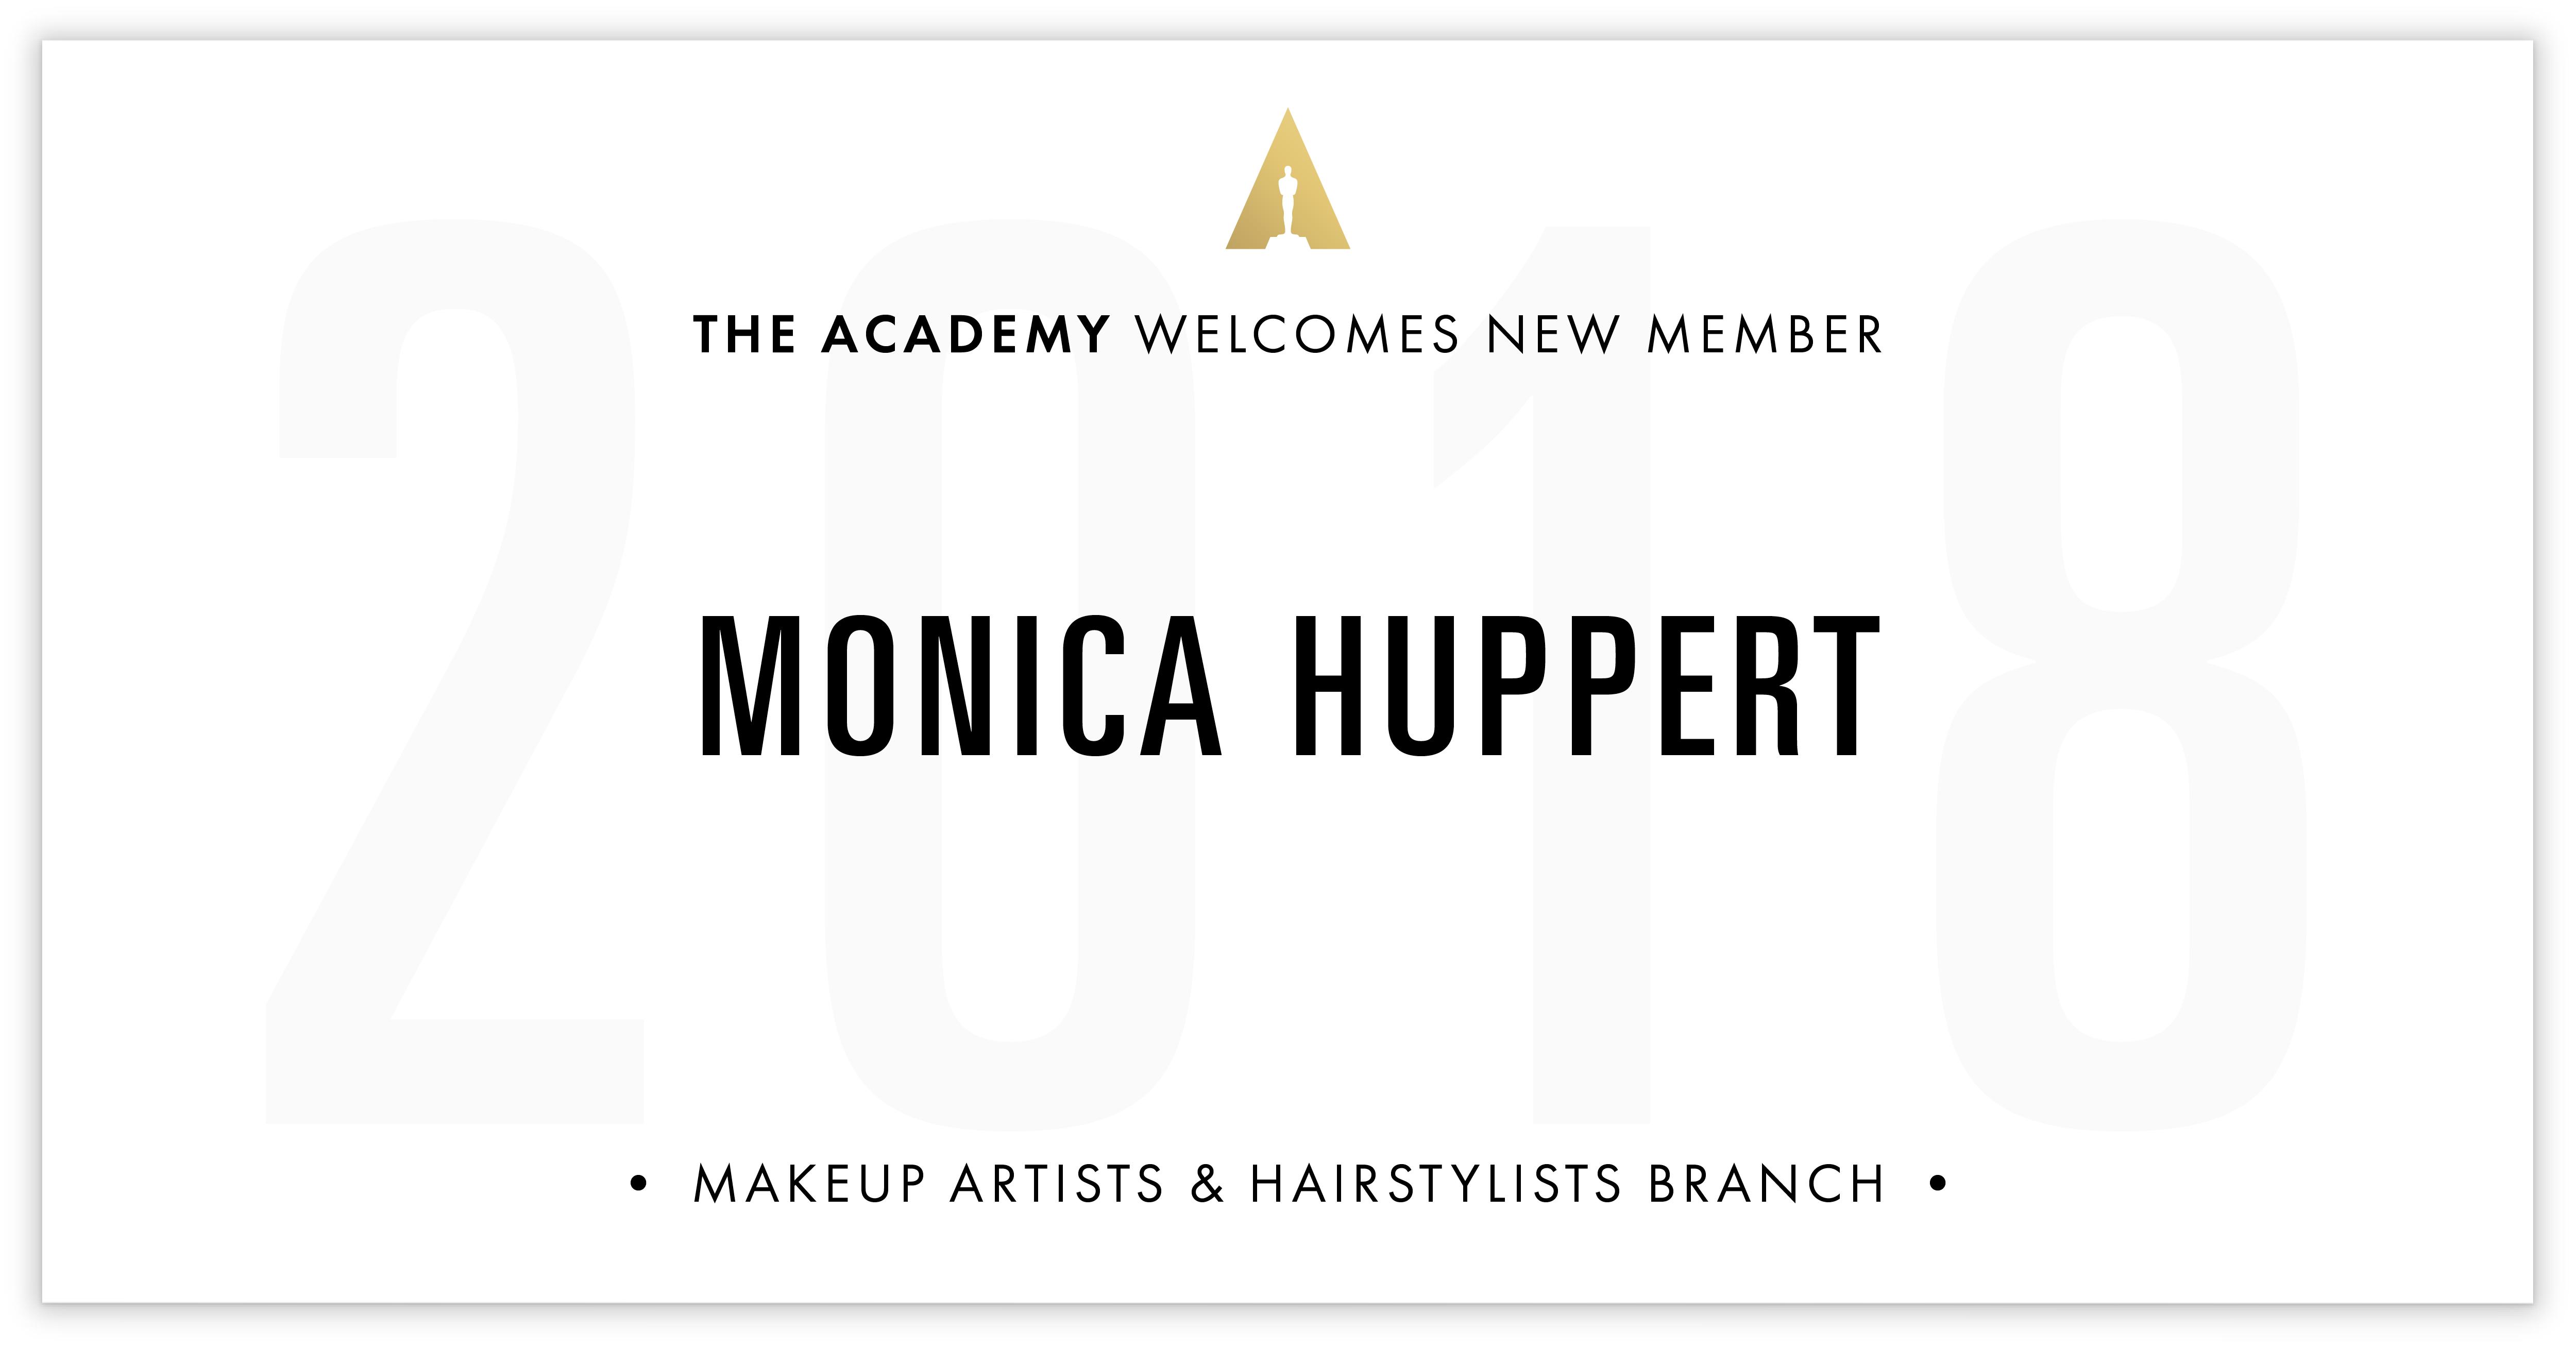 Monica Huppert is invited!